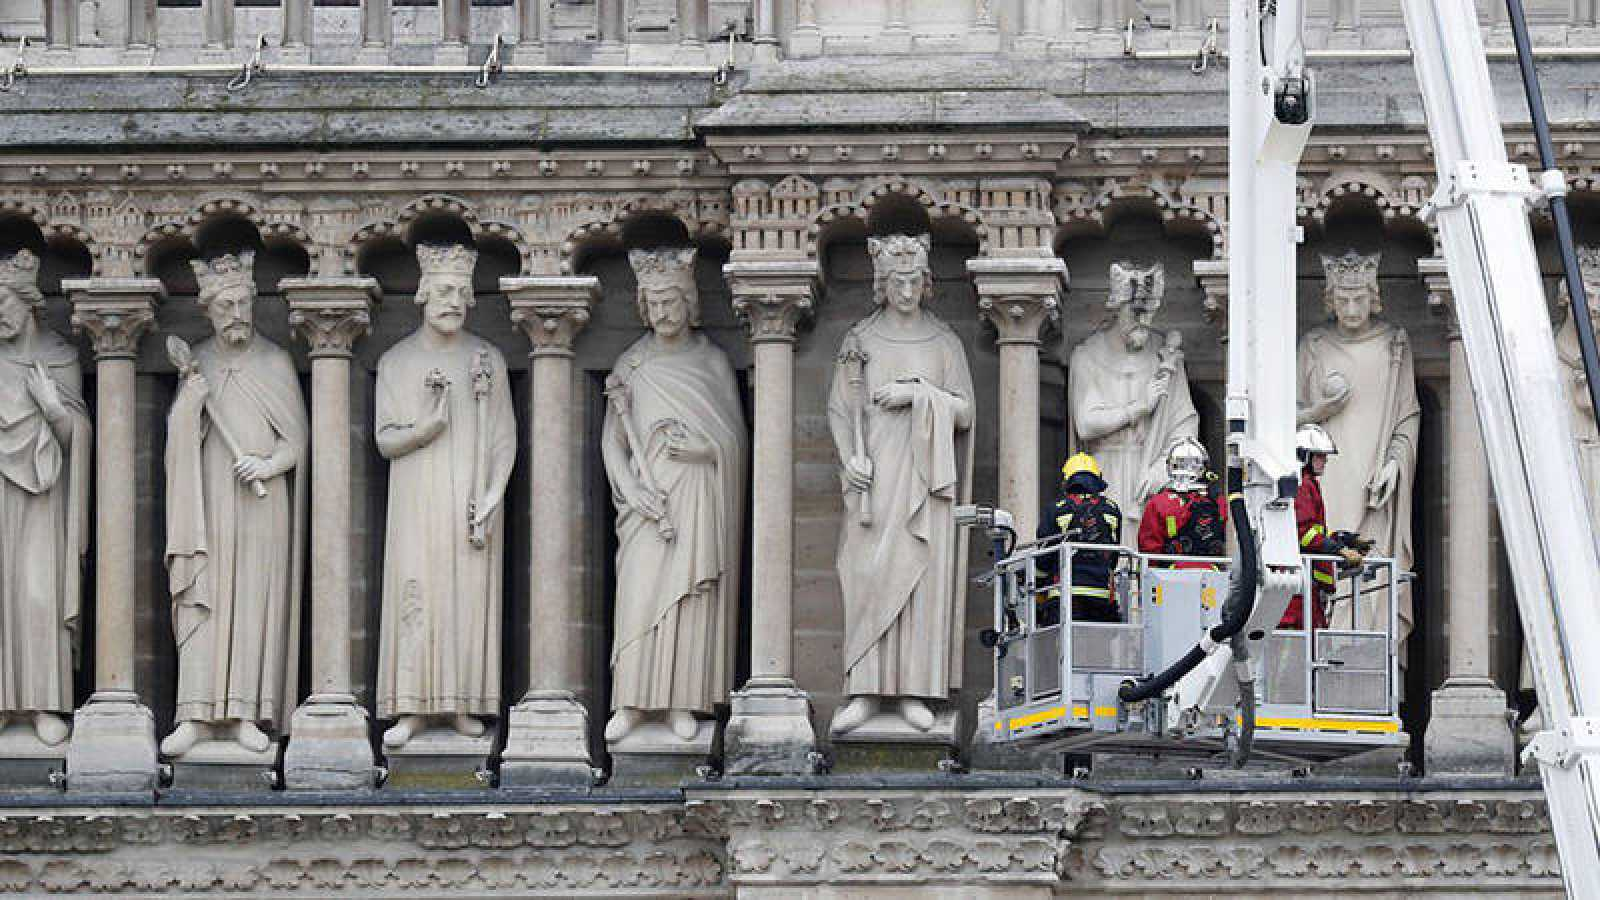 Varios bomberos trabajan en un elevador junto a varias esculturas de la fachada de Notre Dame